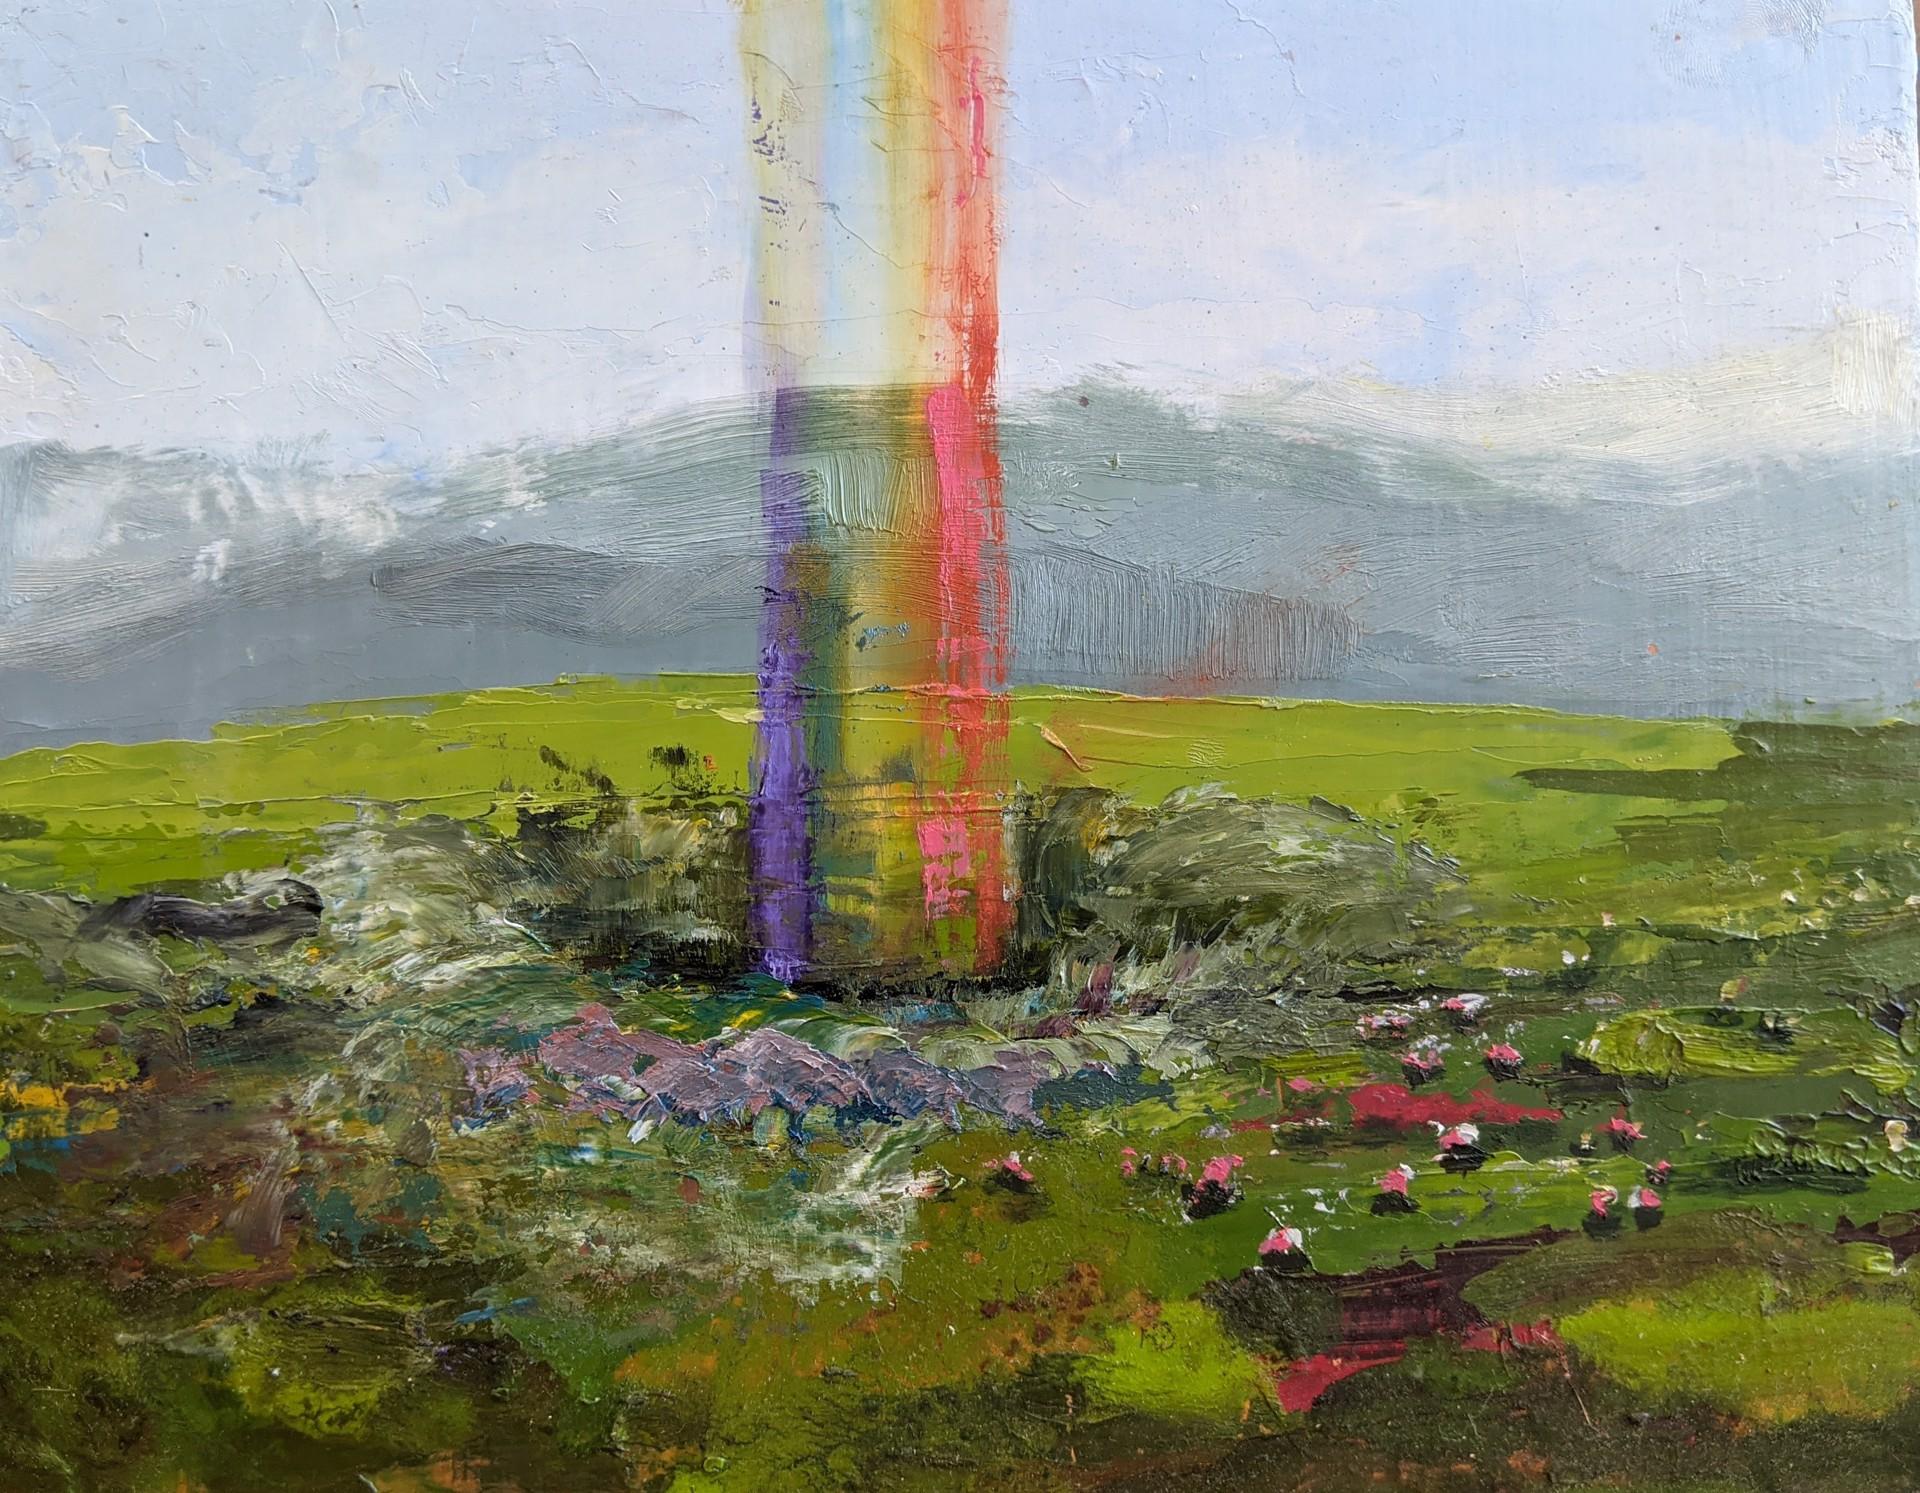 Rainbow Hole by Caitlin Hurd